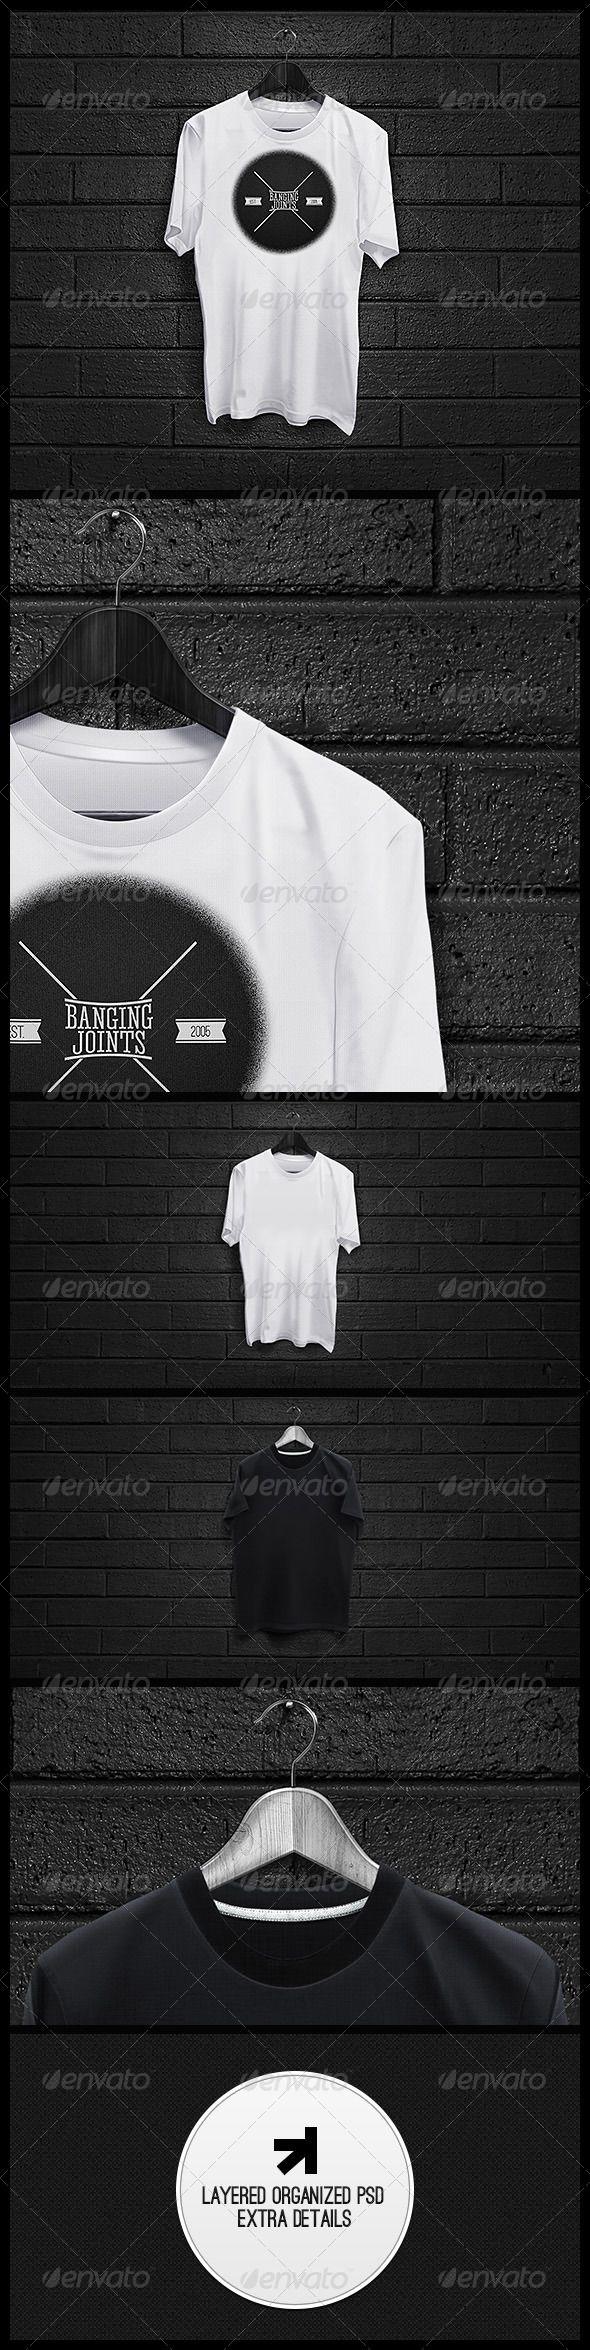 Black t shirt mockup psd free - Black White T Shirt Mockup